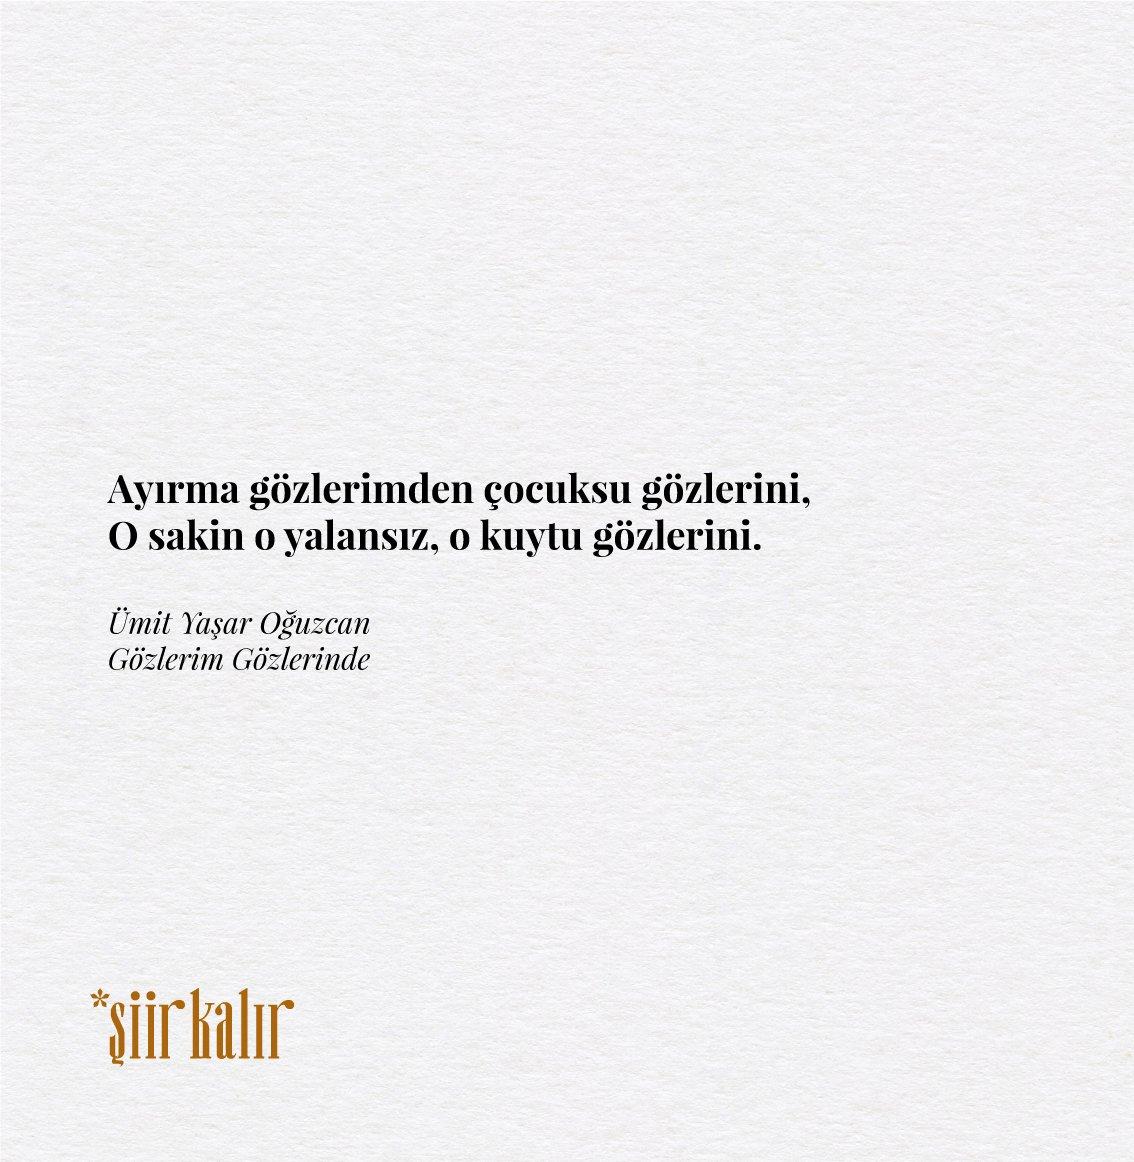 şiir Kalır On Twitter ümit Yaşar Oğuzcan Gözlerim Gözlerinde